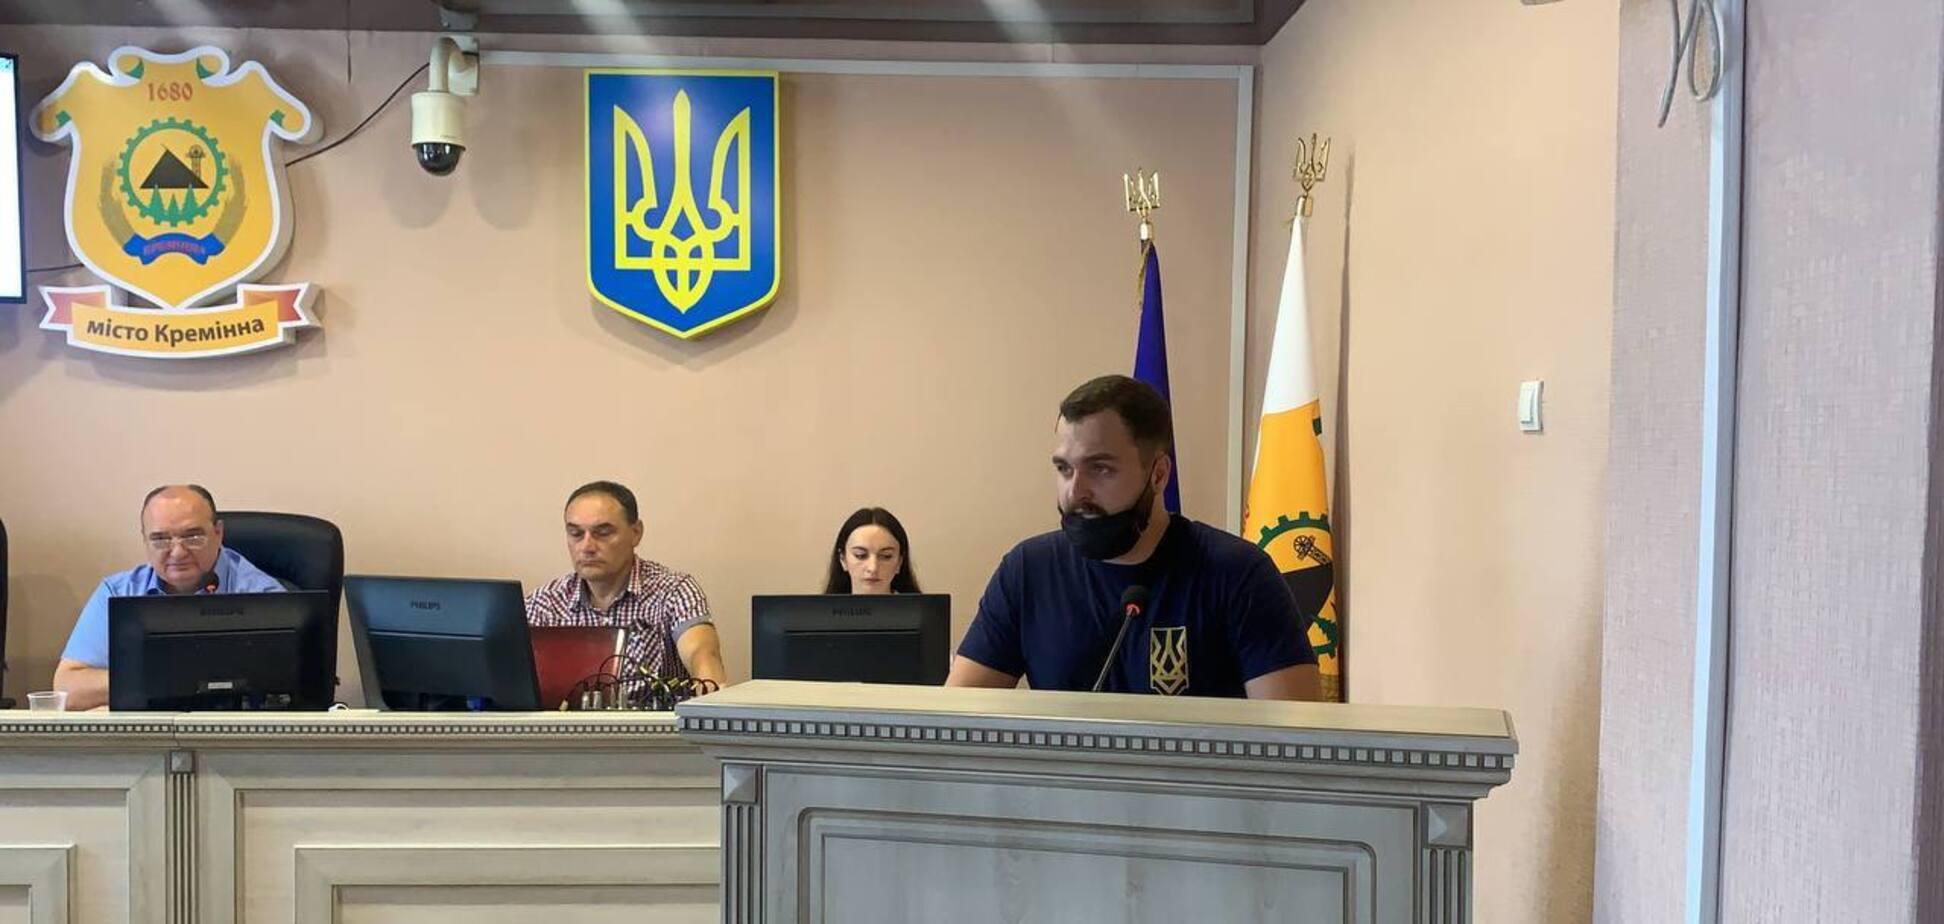 'Нацкорпус' заподозрил главу Луганской ОГА в коррупции: обнародовано расследование. Видео